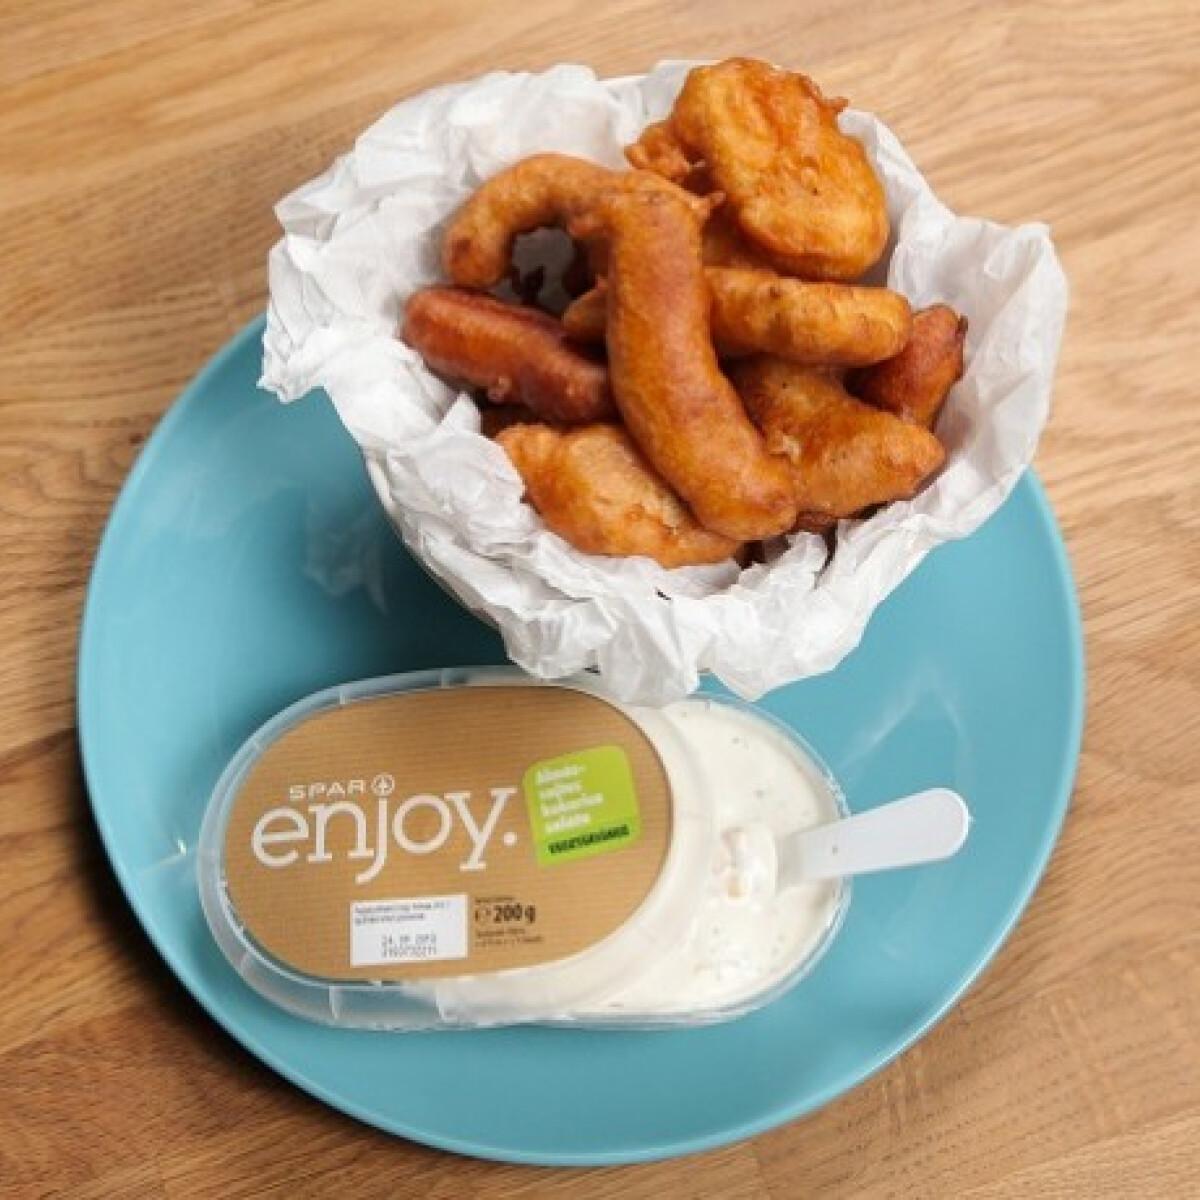 Sörtésztás pulykamell SPAR enjoy. almás-sajtos kukoricasalátával